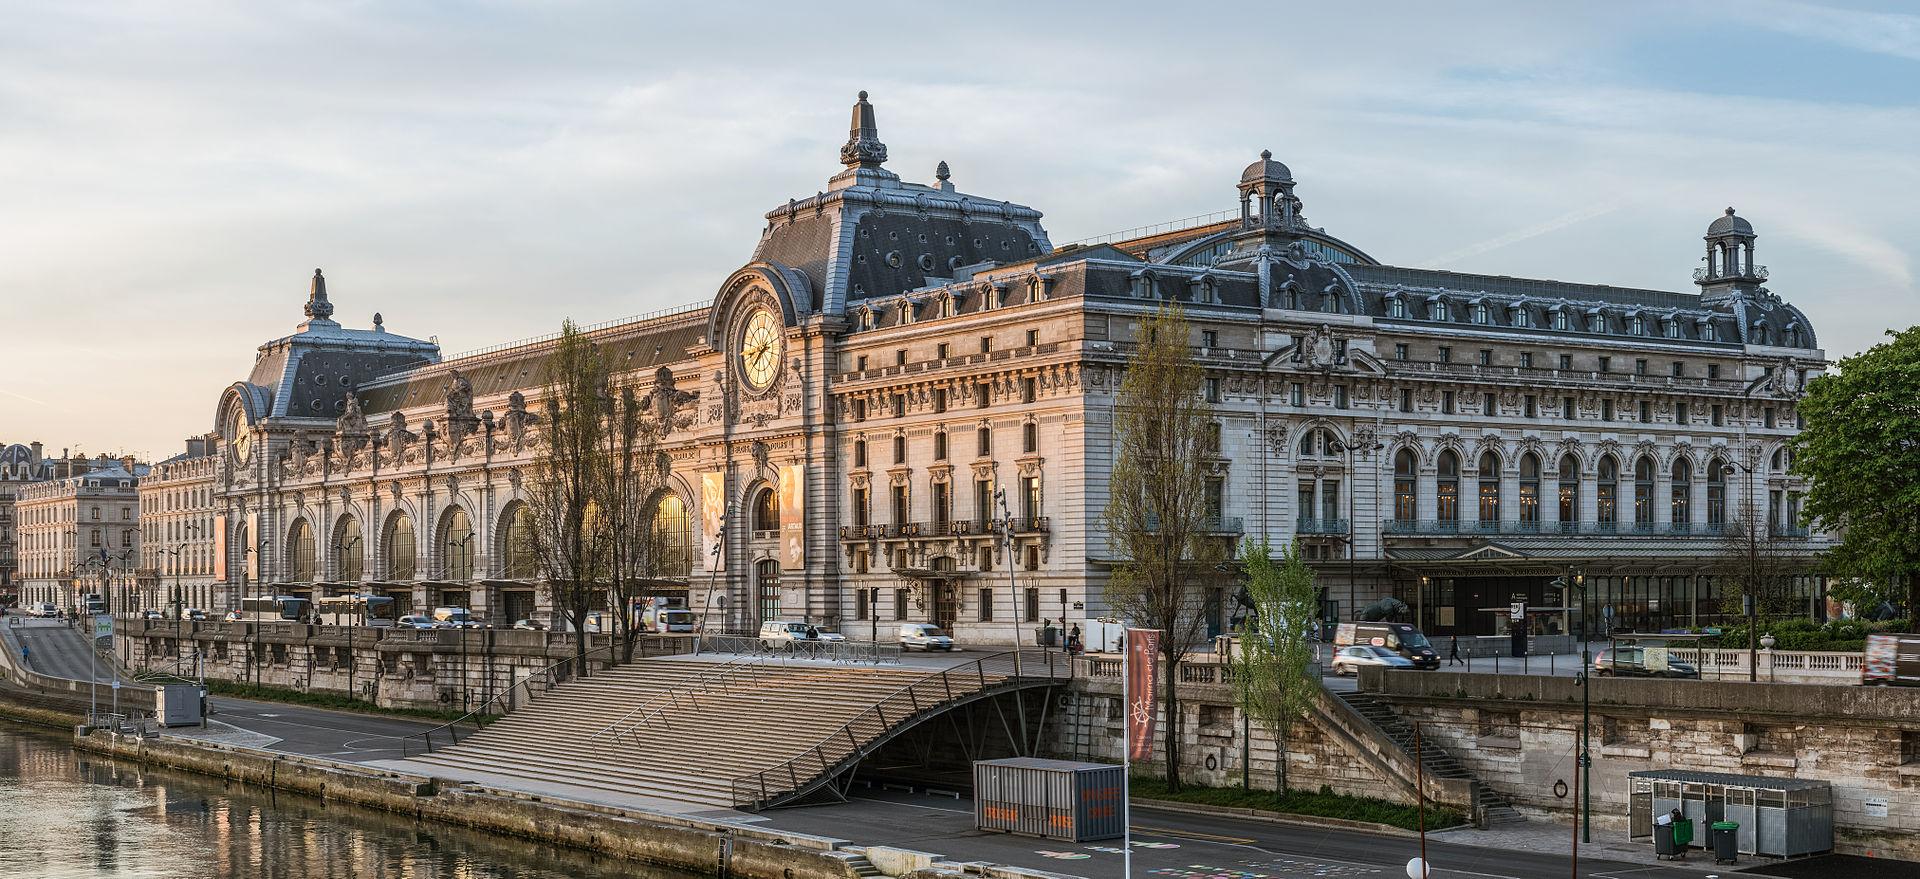 พิพิธภัณฑ์ออร์เซย์ -อาคารสวยงาม